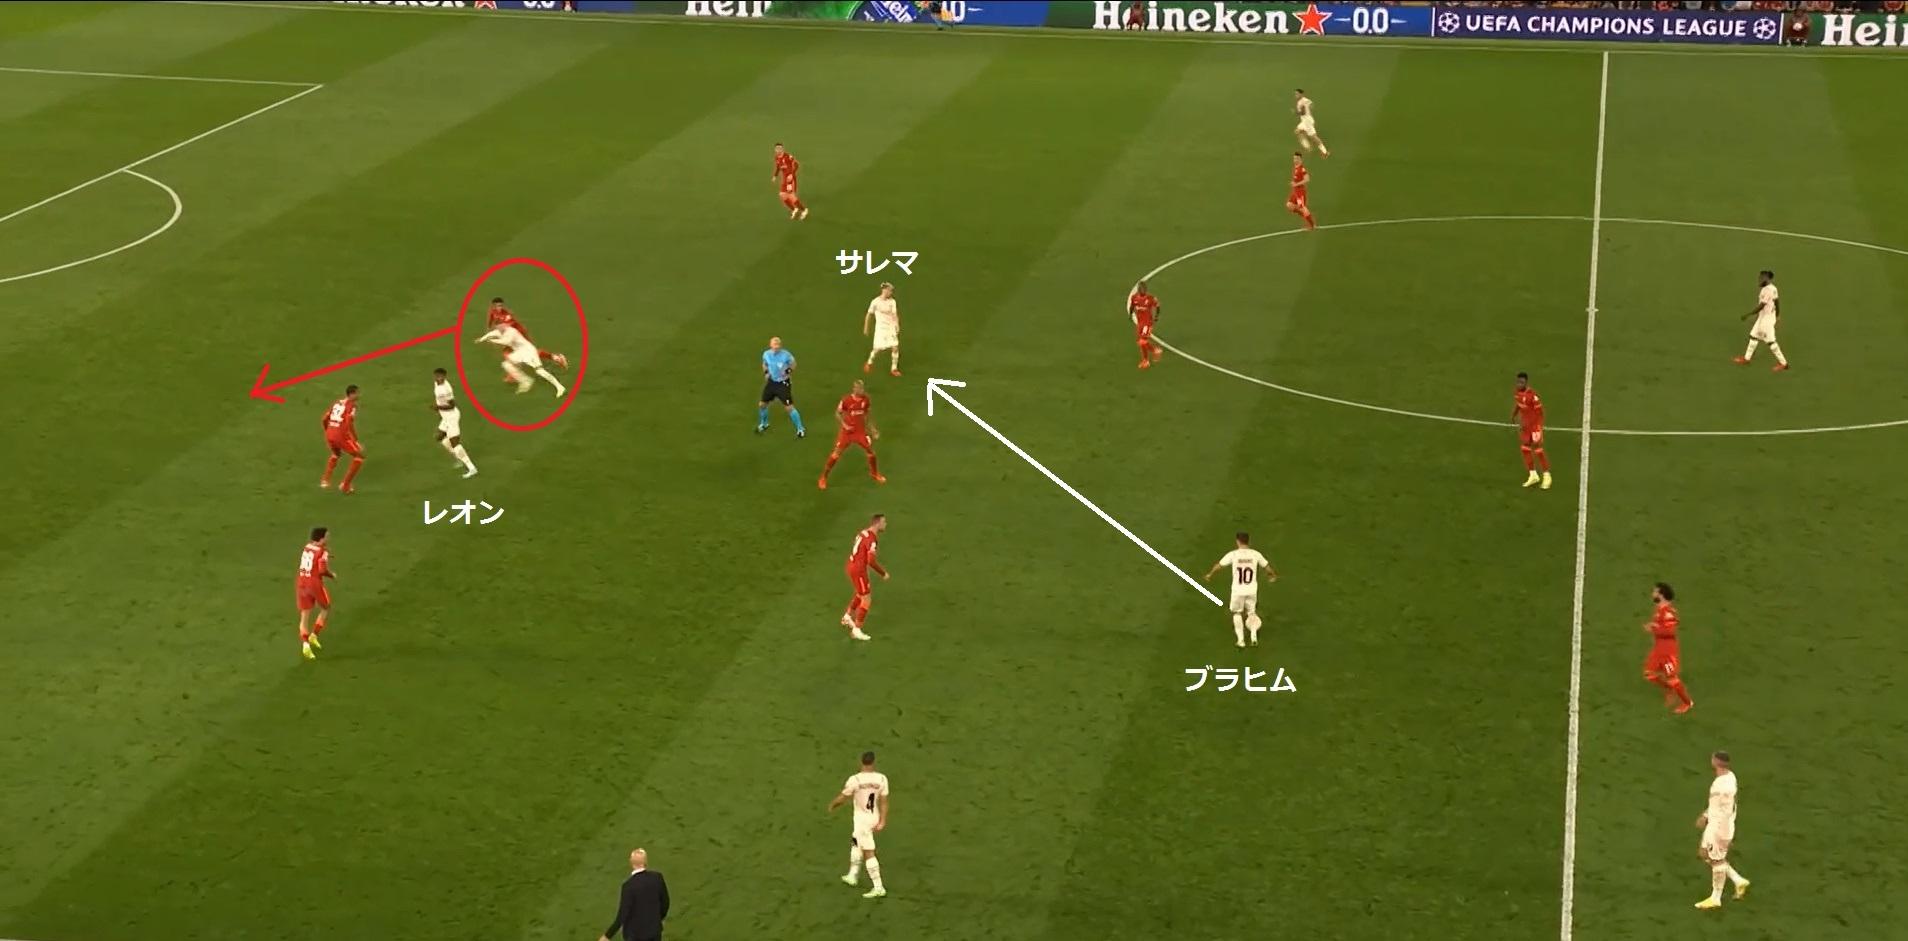 【21-22シーズン】リバプール対ミラン_戦術分析14